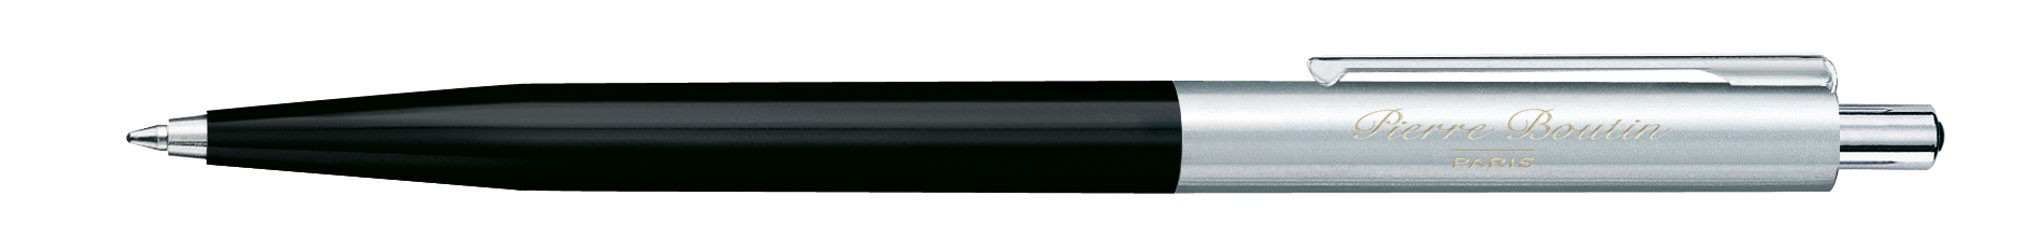 Stylo promotionnel écologique Point métal - stylo personnalisable